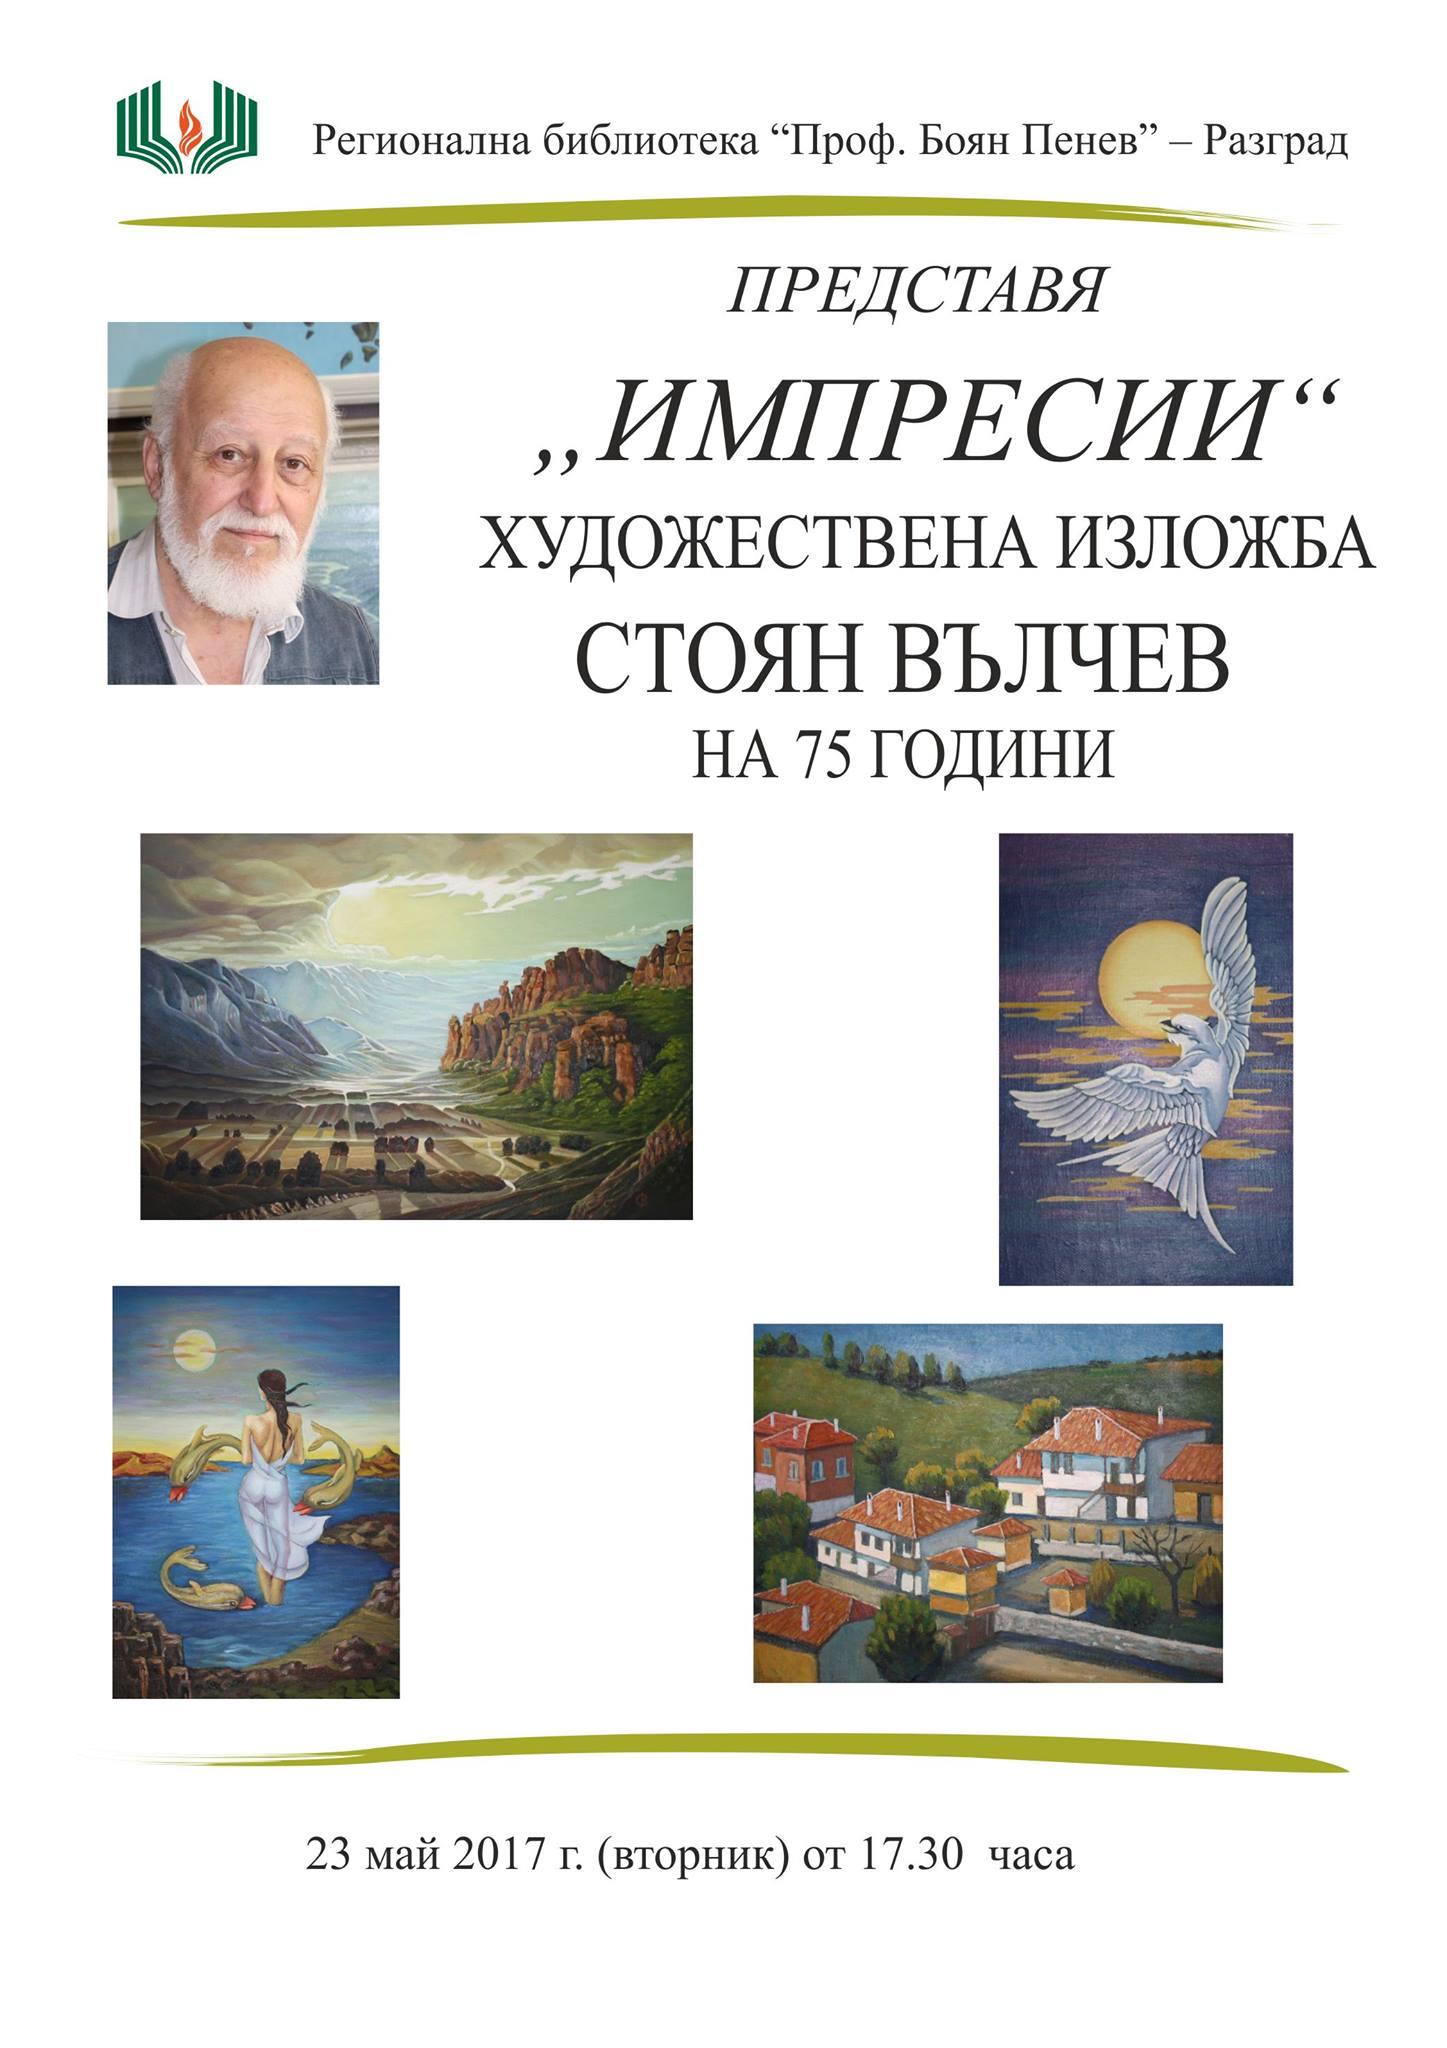 29 платна на художника Стоян Вълчев ще бъдат показани у� ...